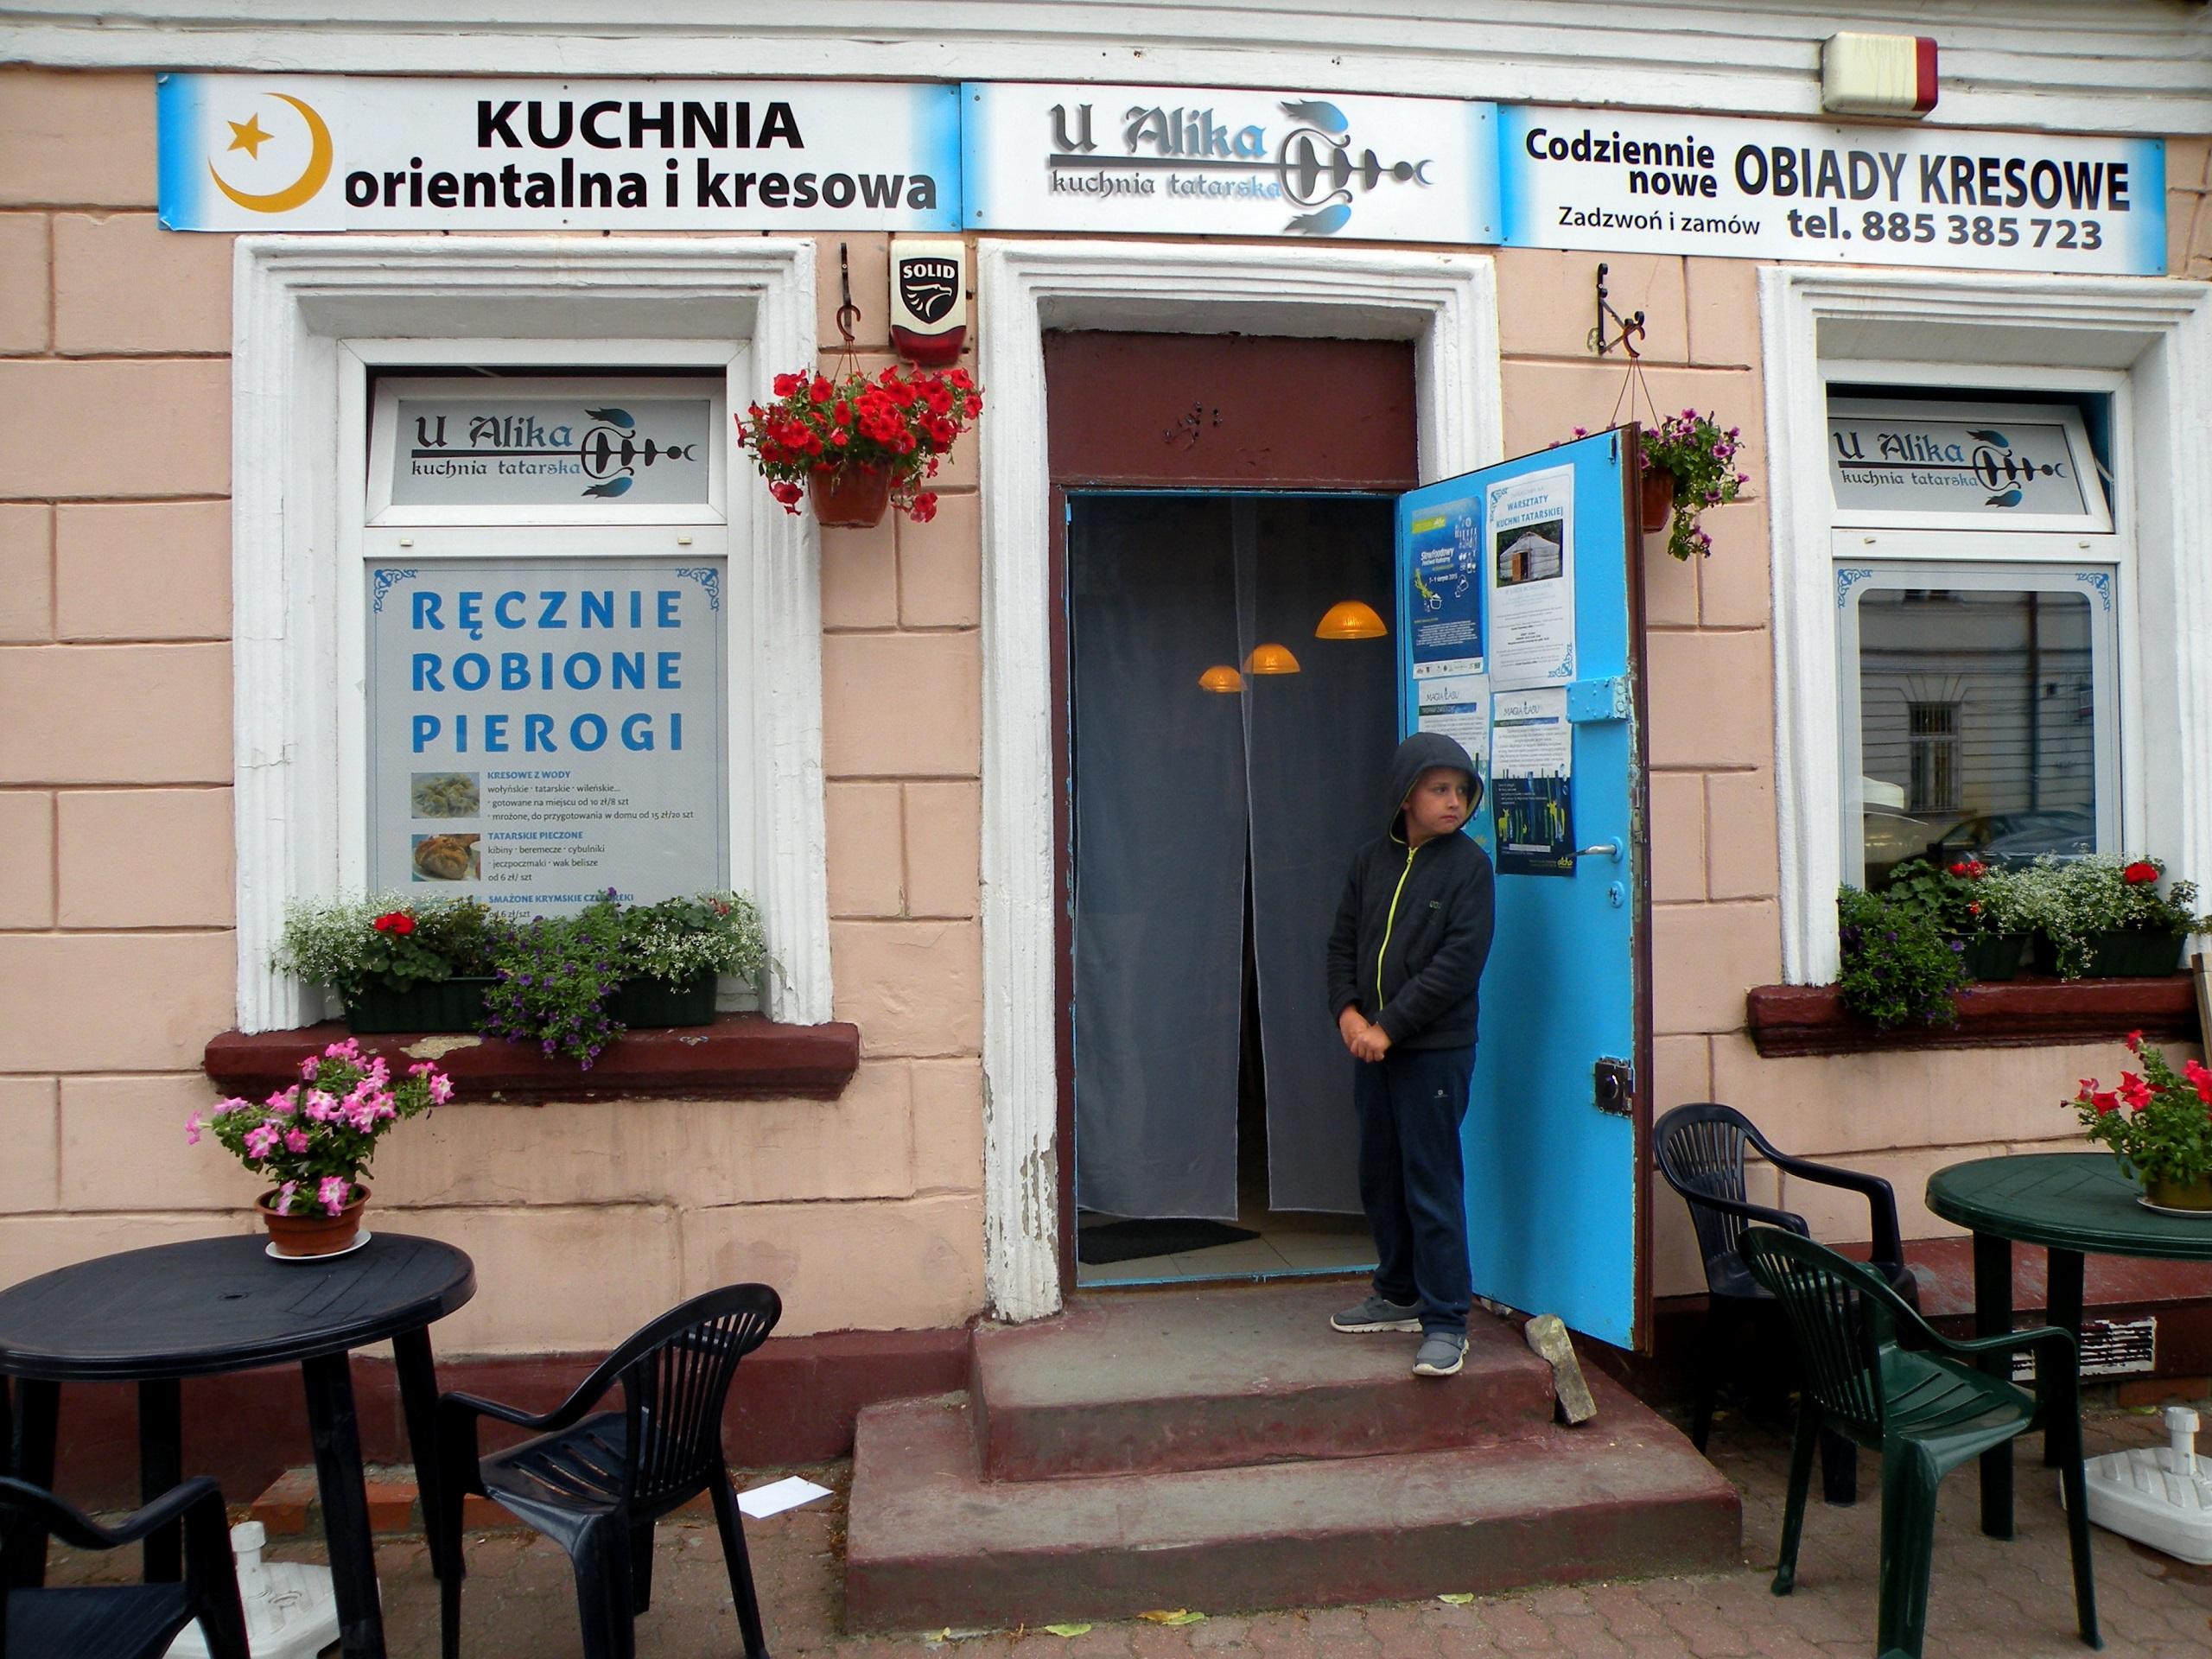 Kuchnia Tatarska u Alika - Suwałki